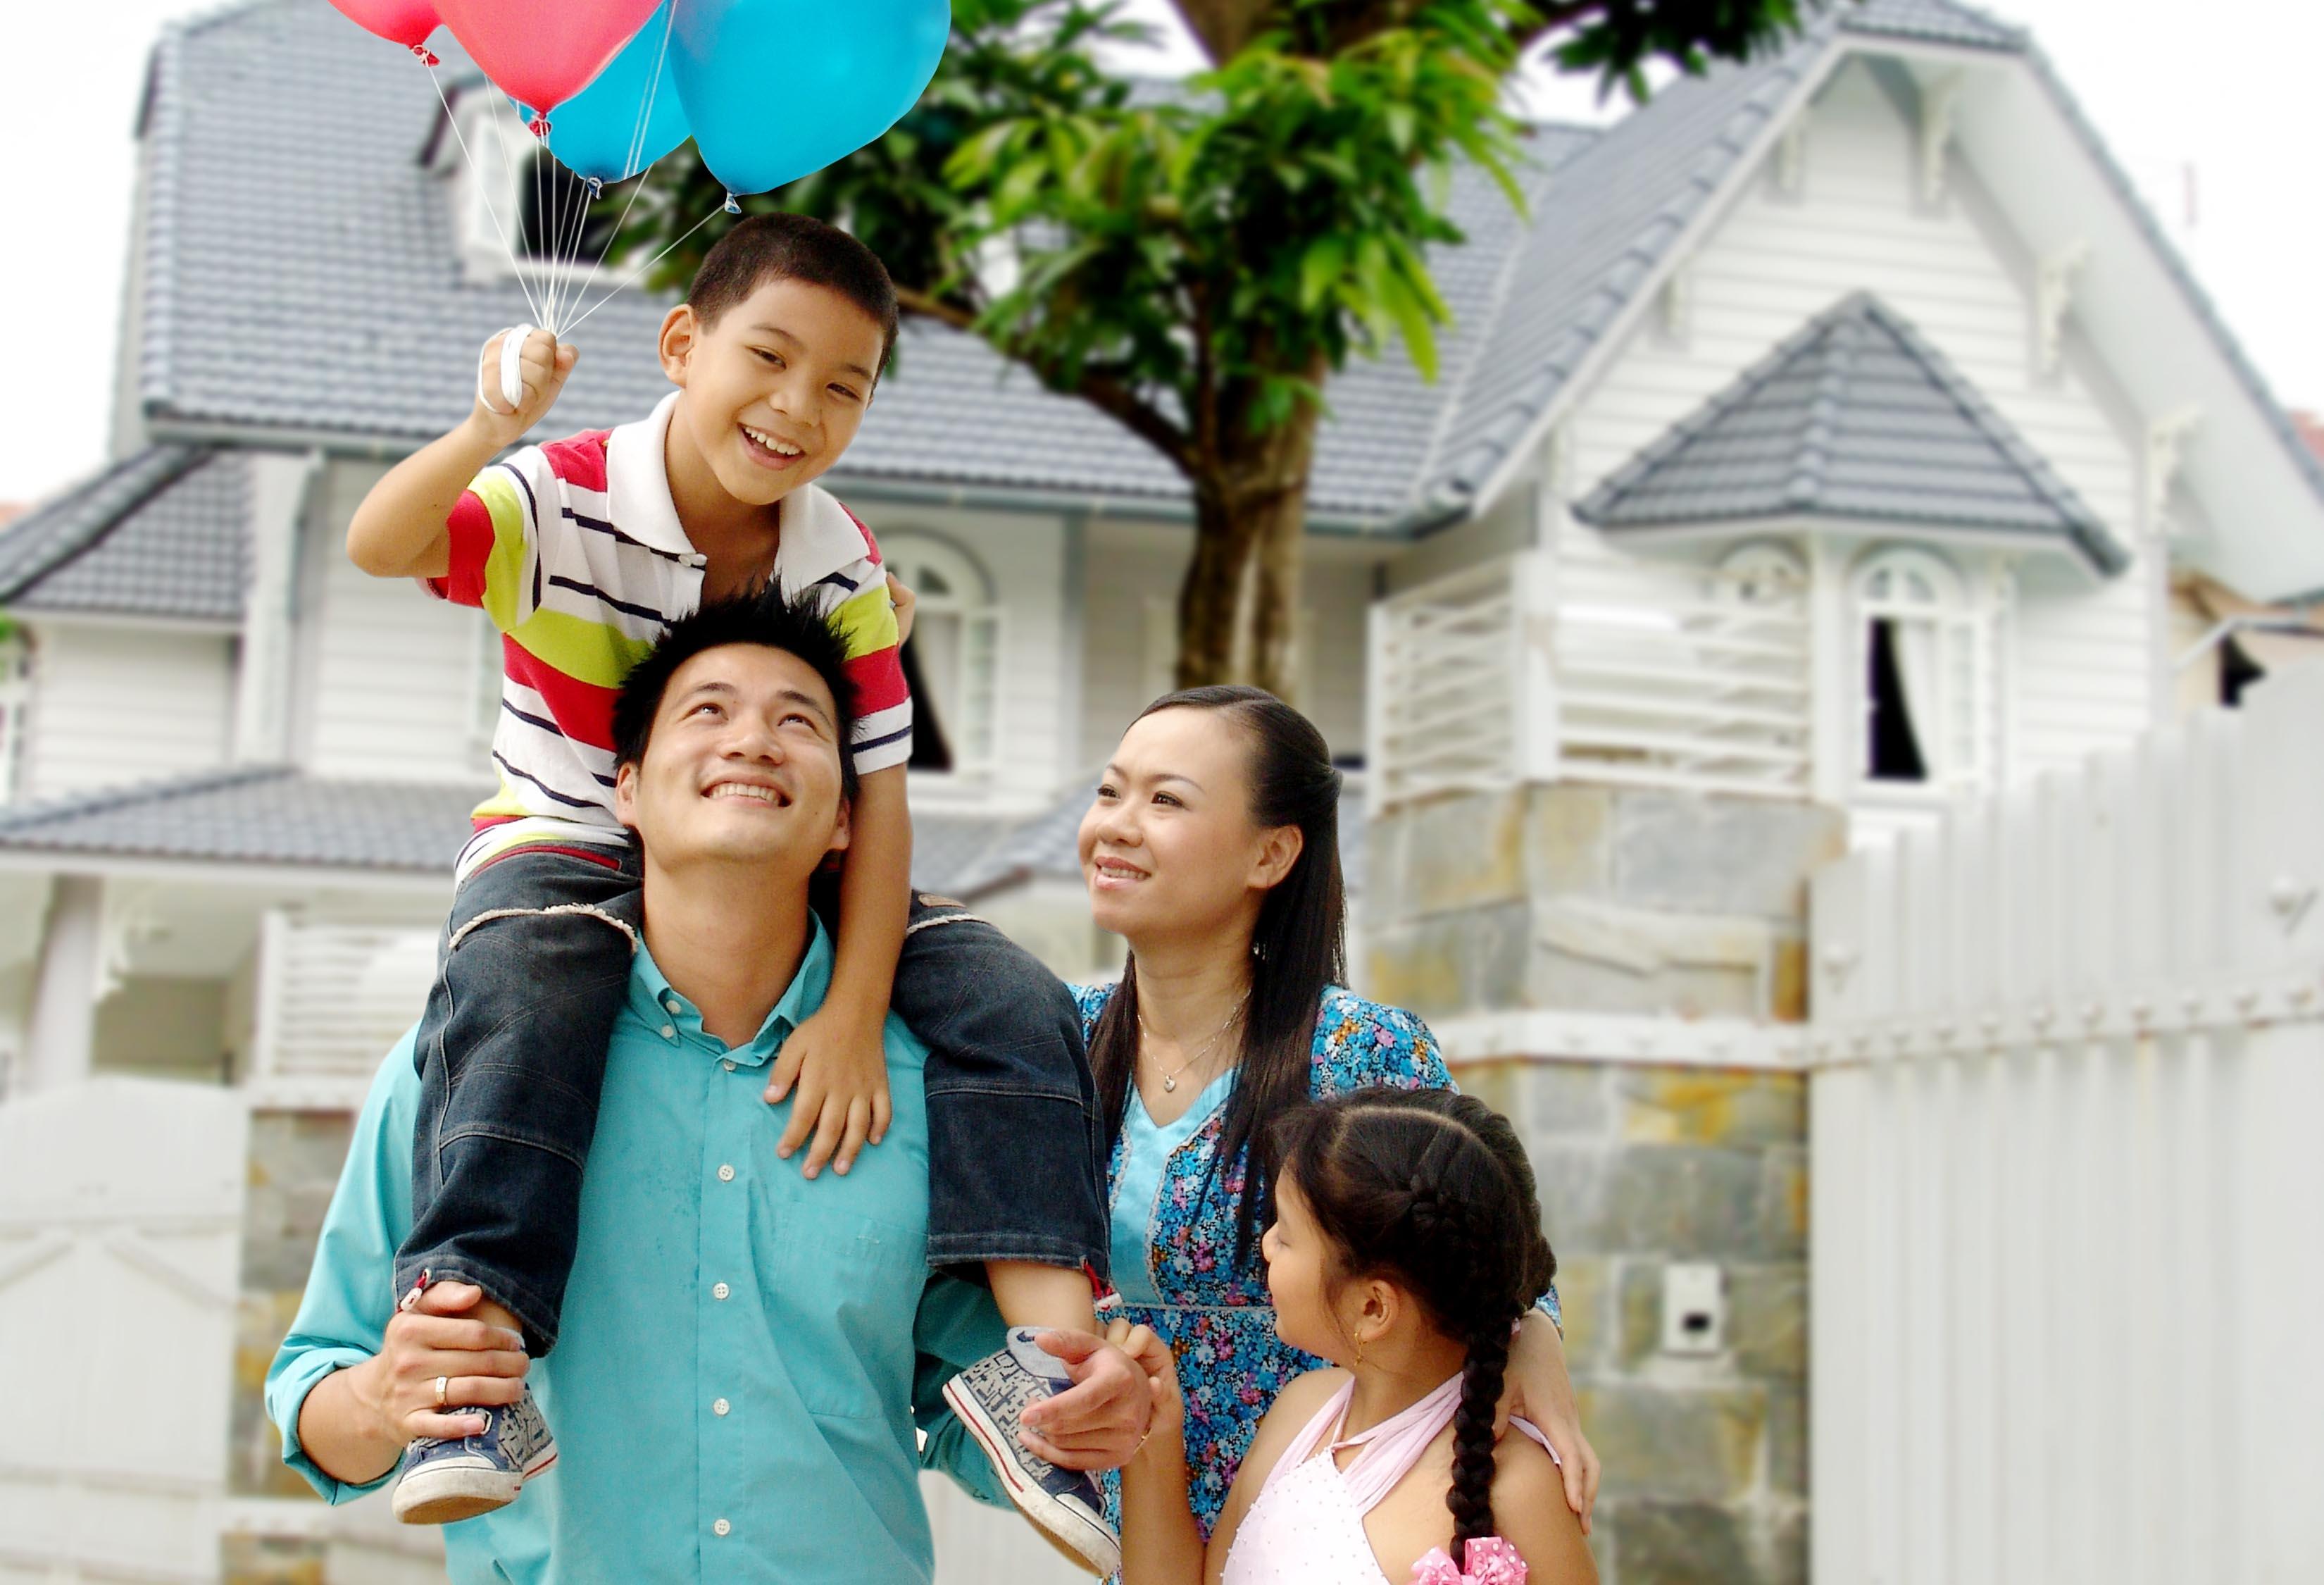 สร้างสรรค์ครอบครัวเวียดนามที่อิ่มหนำผาสุกและเสมอภาค